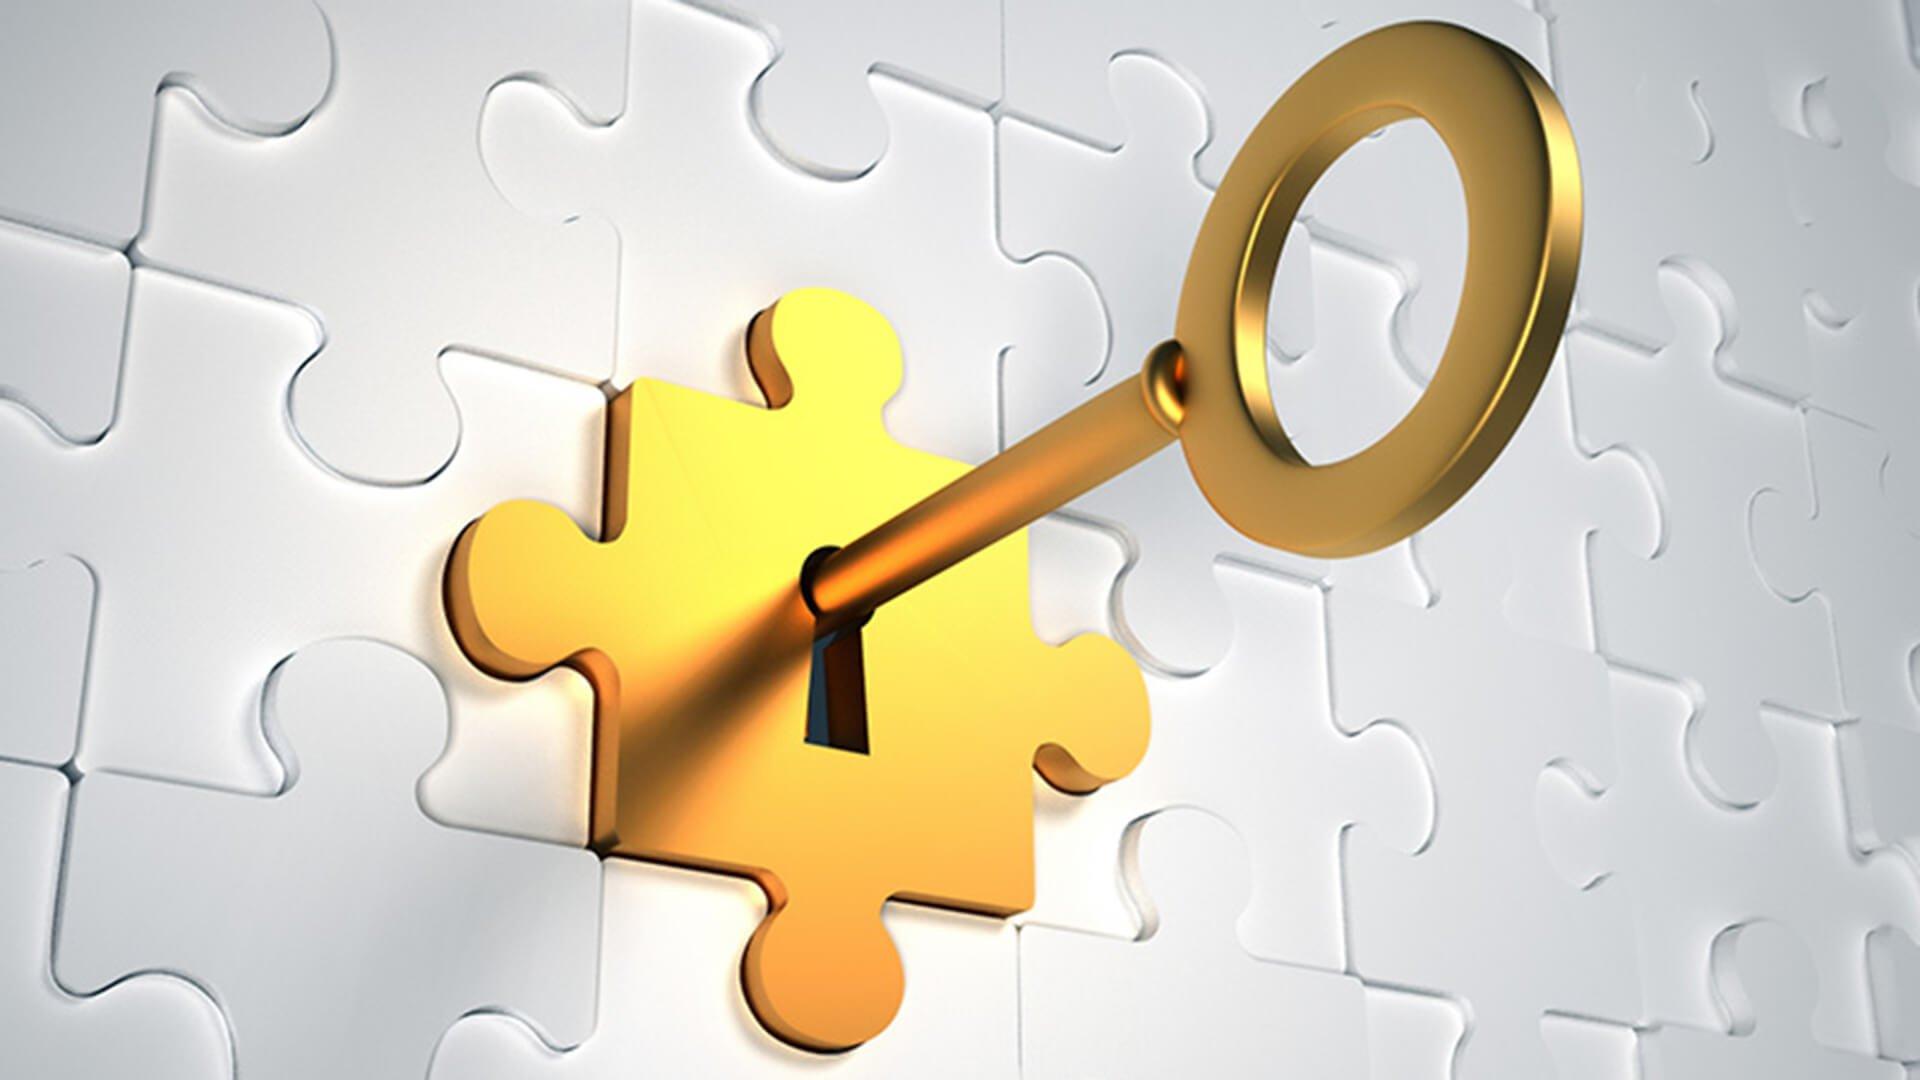 Przejrzystość jest jednym z sekretów sukcesu i bogacenia się